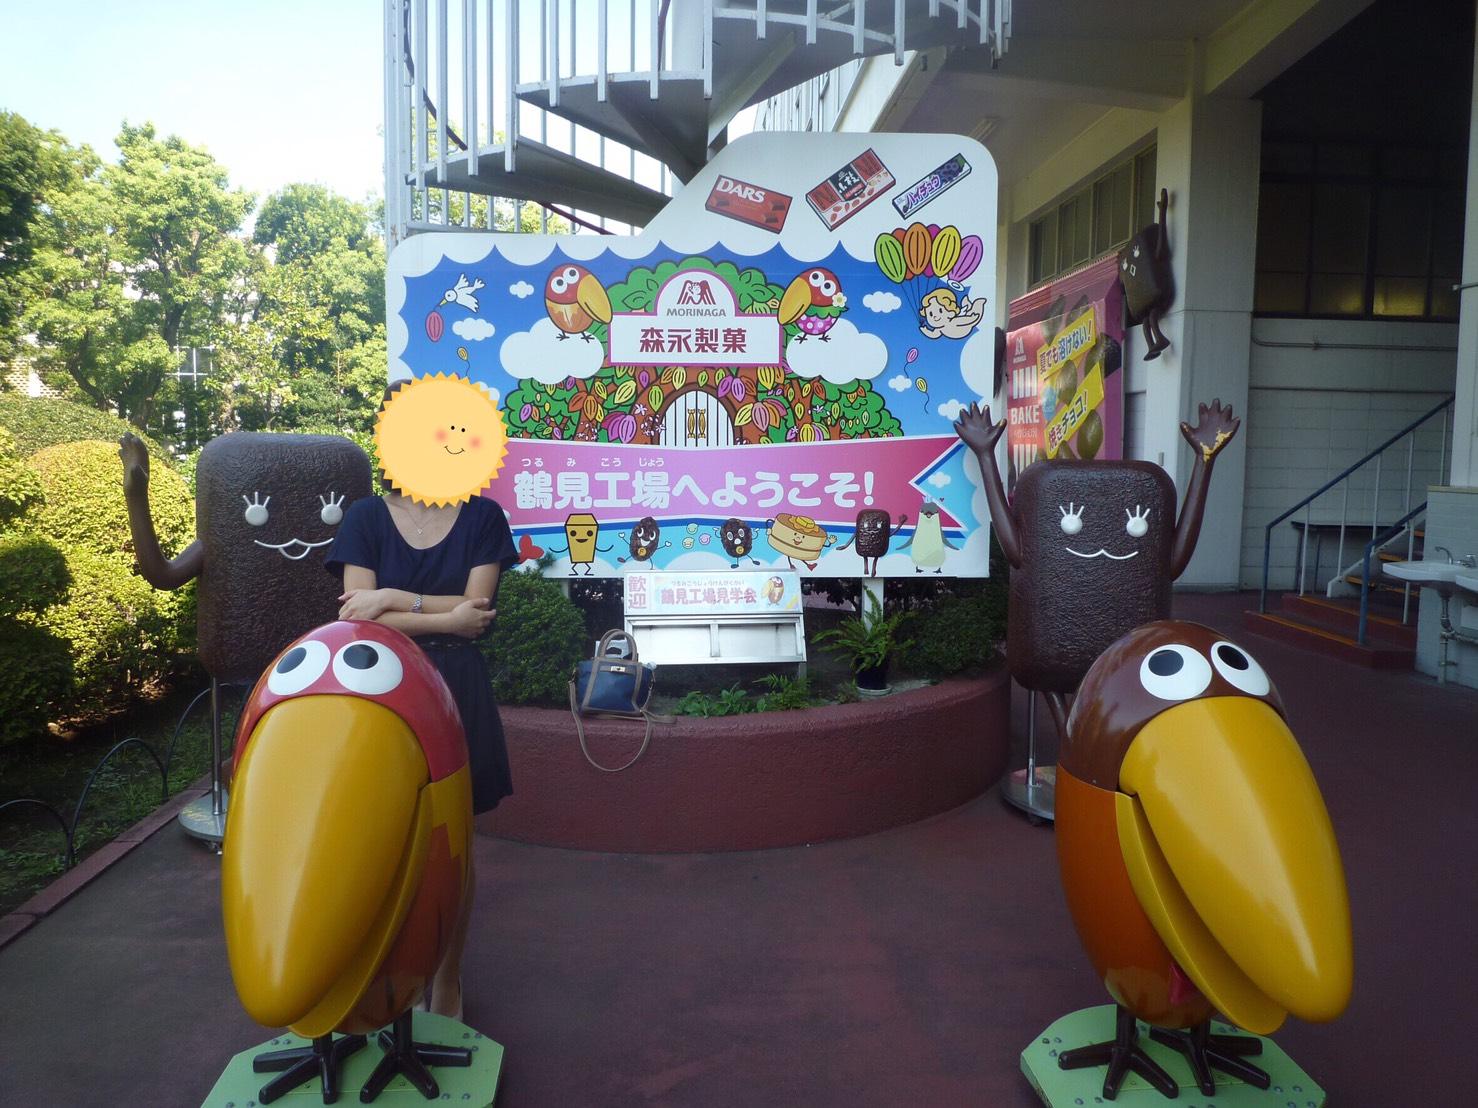 大人だって楽しめる!森永製菓・鶴見工場